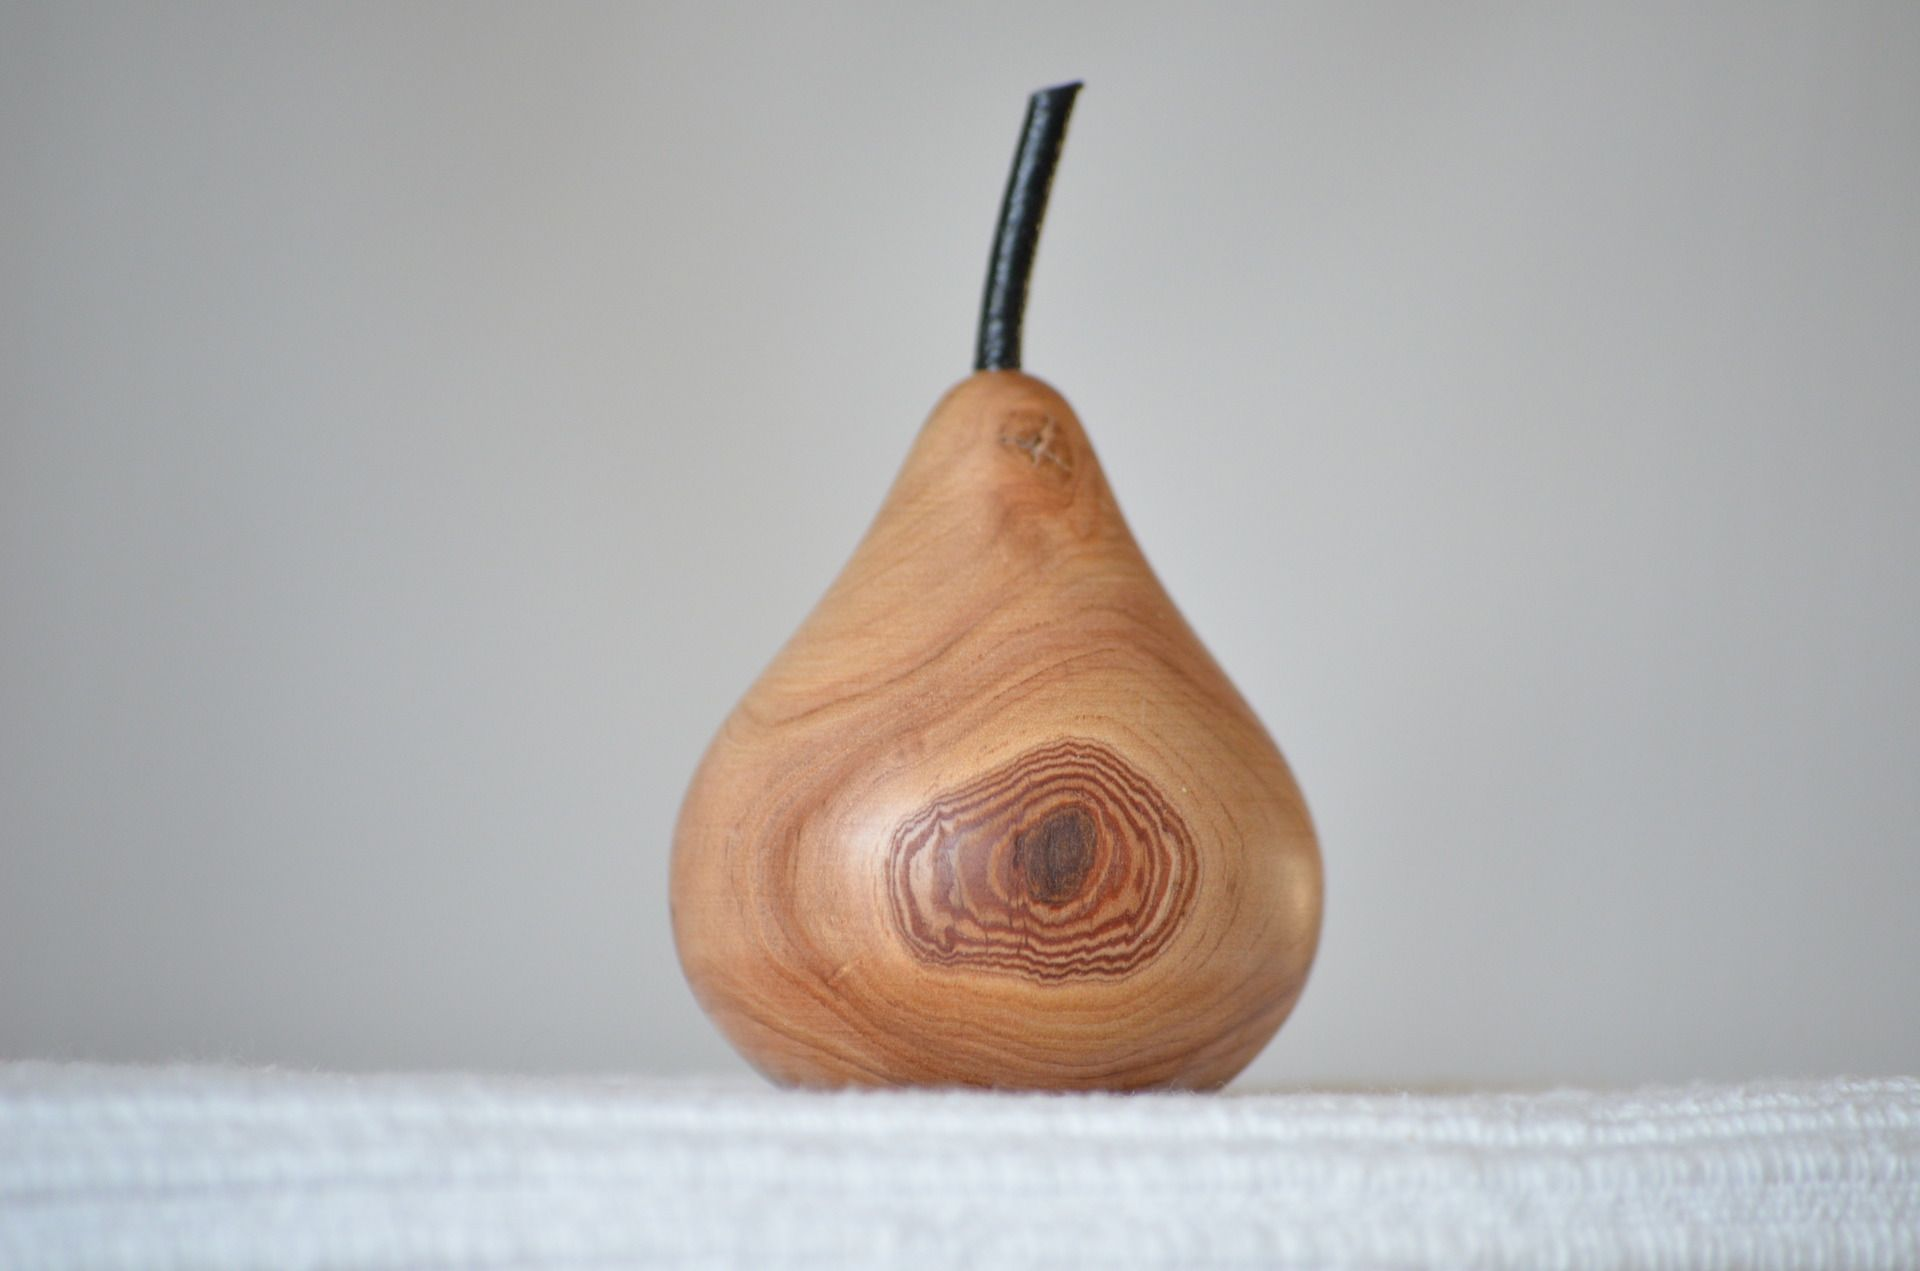 Tour A Bois Accessoires avec poire en bois naturel tourné artisanalement 02 : accessoires de